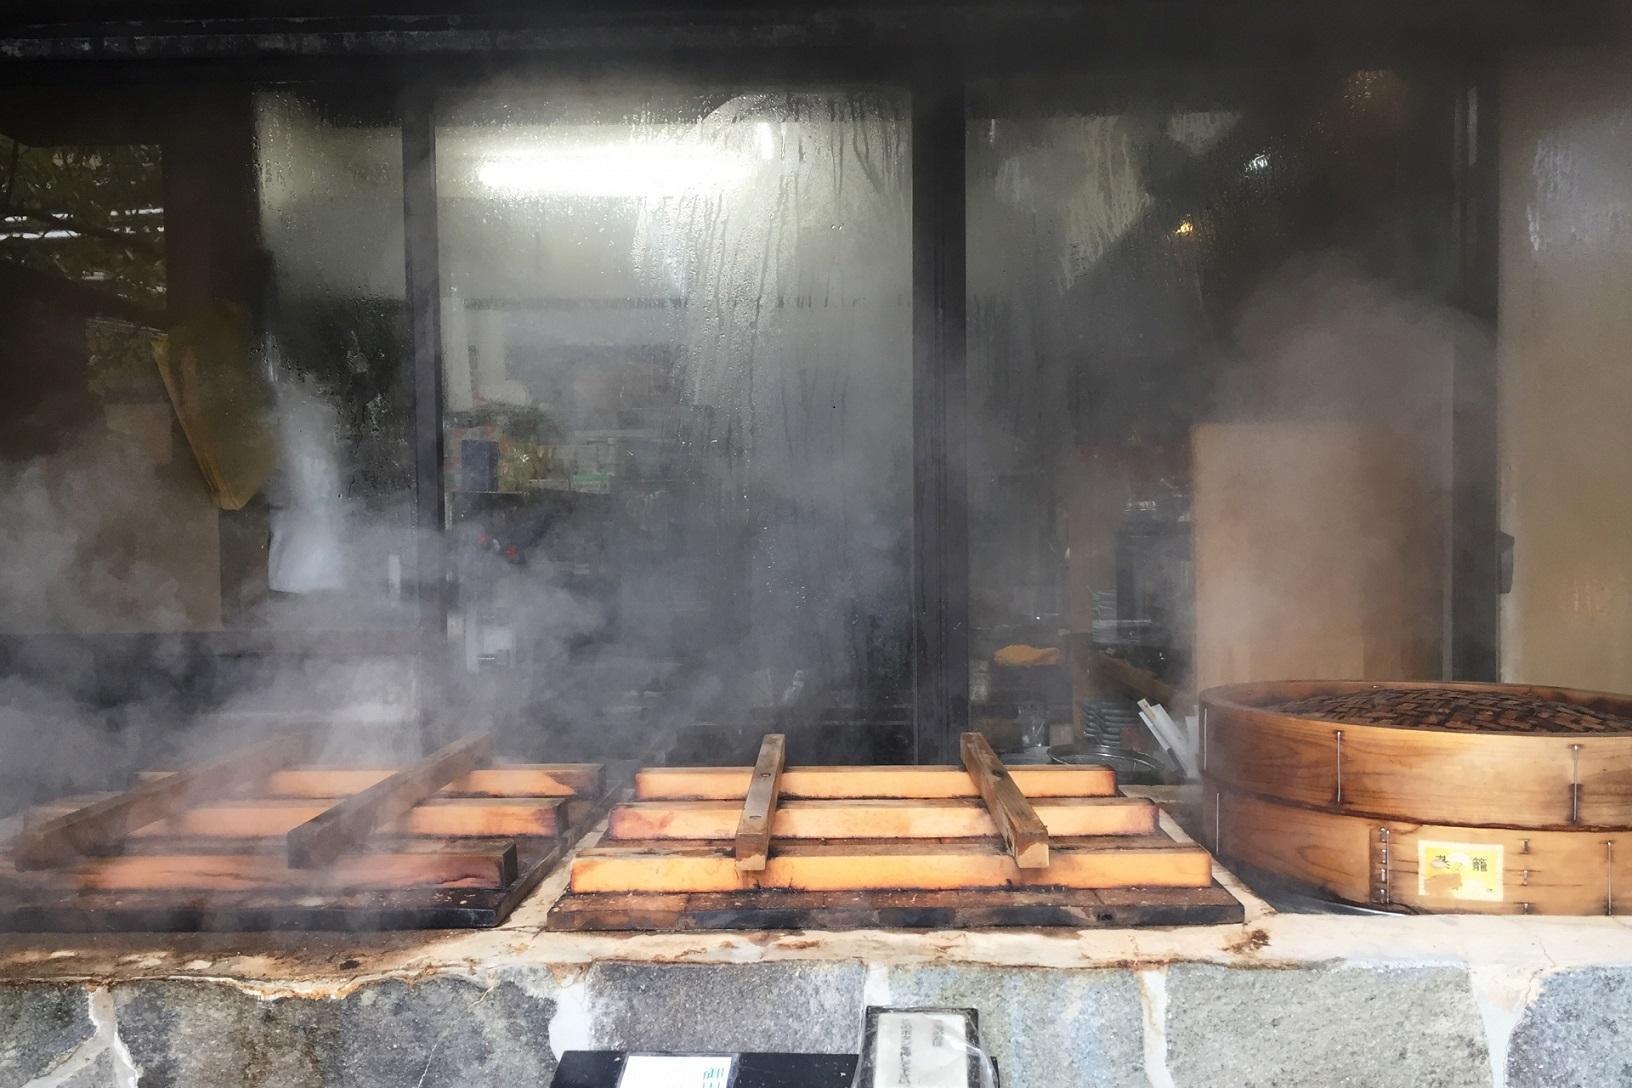 地獄蒸しを別府温泉鉄輪で味わう!ヘルシーでおいしい名物料理!蒸しプリンも絶品